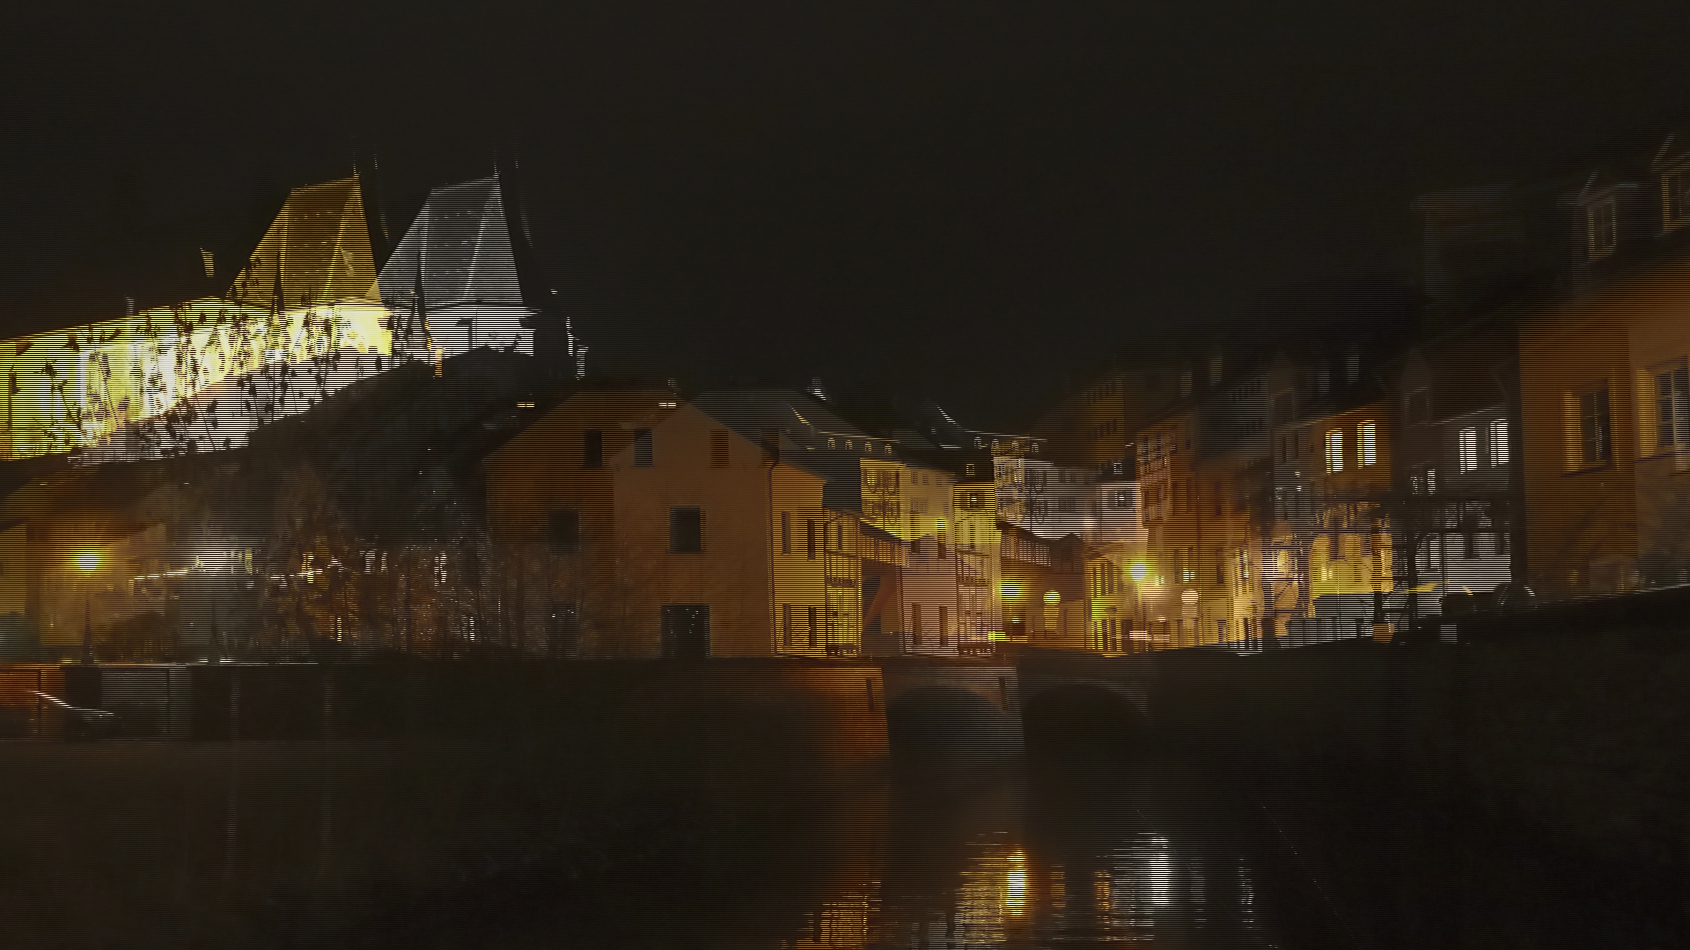 Saarburg bei Nacht 9 (3D)